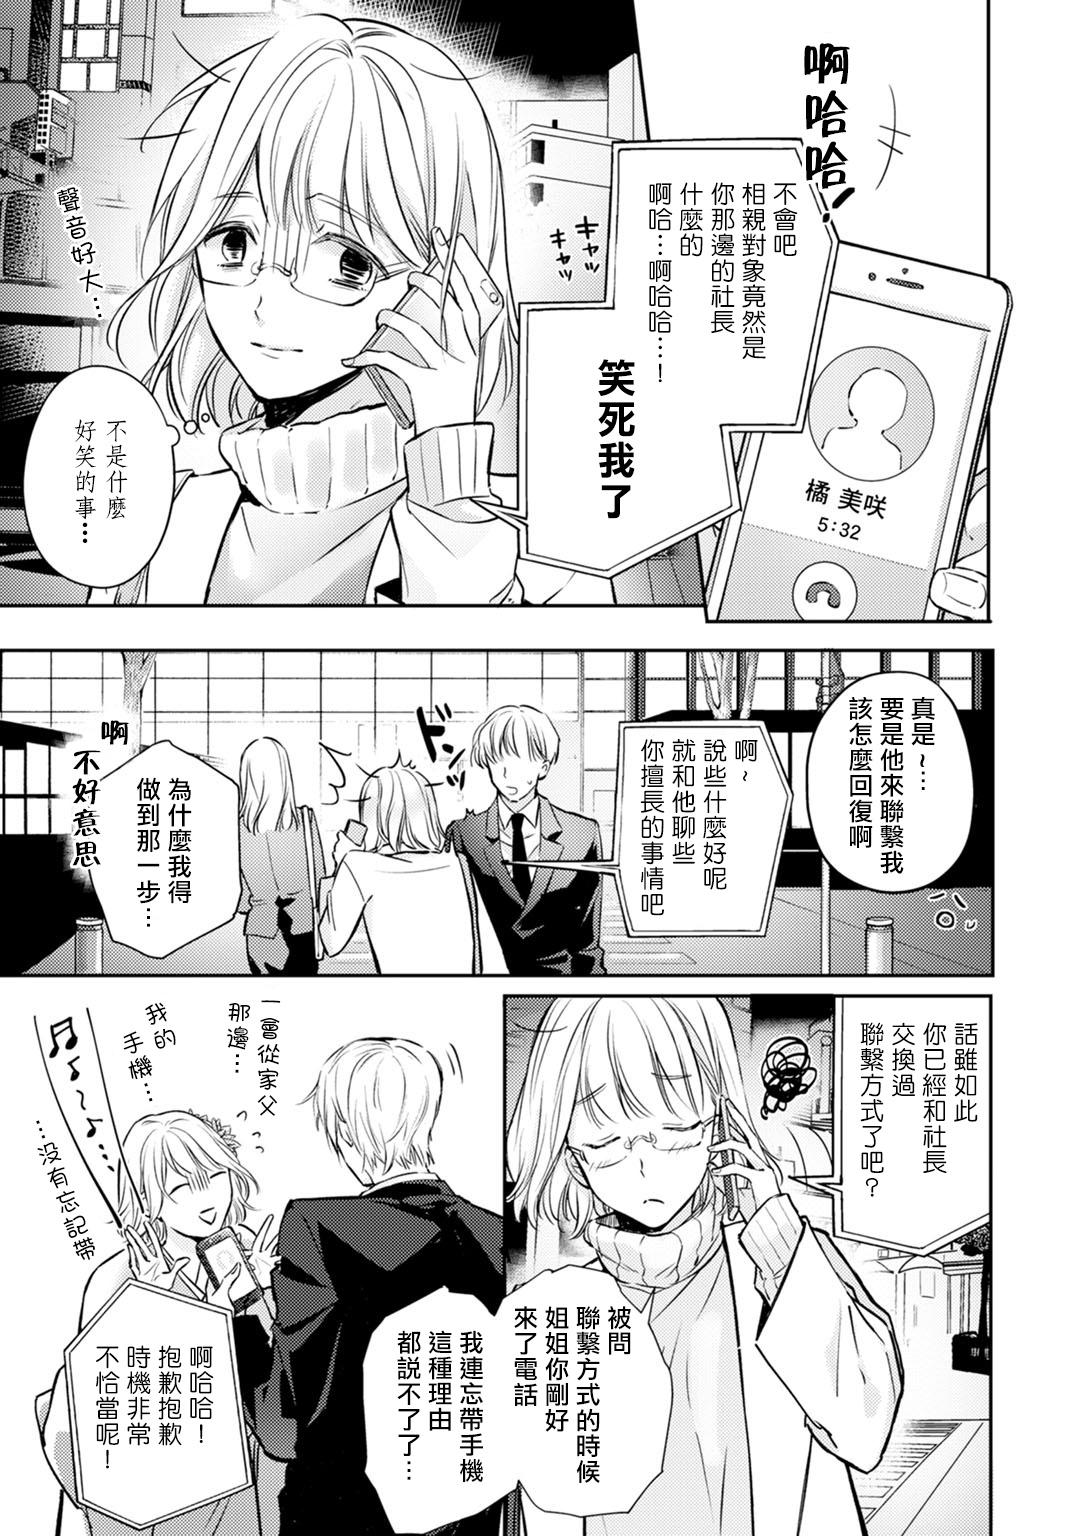 [Shichigatsu Motomi]  Sonna Kao shite, Sasotteru? ~Dekiai Shachou to Migawari Omiaikekkon!?~ 1-7 | 這種表情,在誘惑我嗎?~溺愛社長和替身相親結婚!? act.1 [Chinese] [拾荒者汉化组] 31